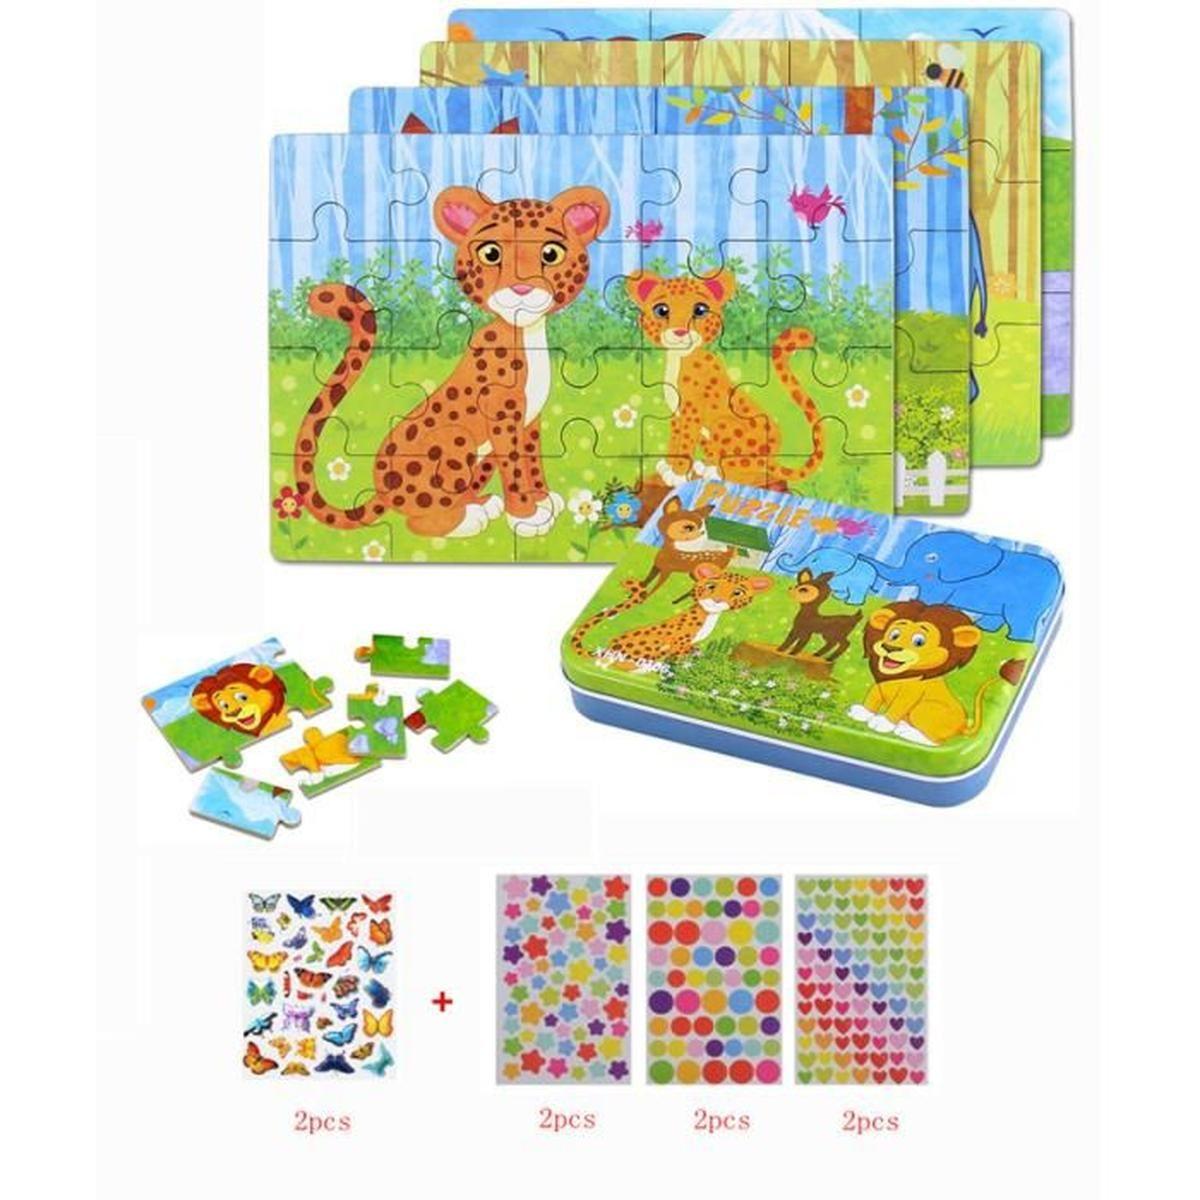 Jeux Et Jouets Uping Puzzle Magnetique Bois Avec Tableau pour Jeux Pour Enfant De 3 Ans